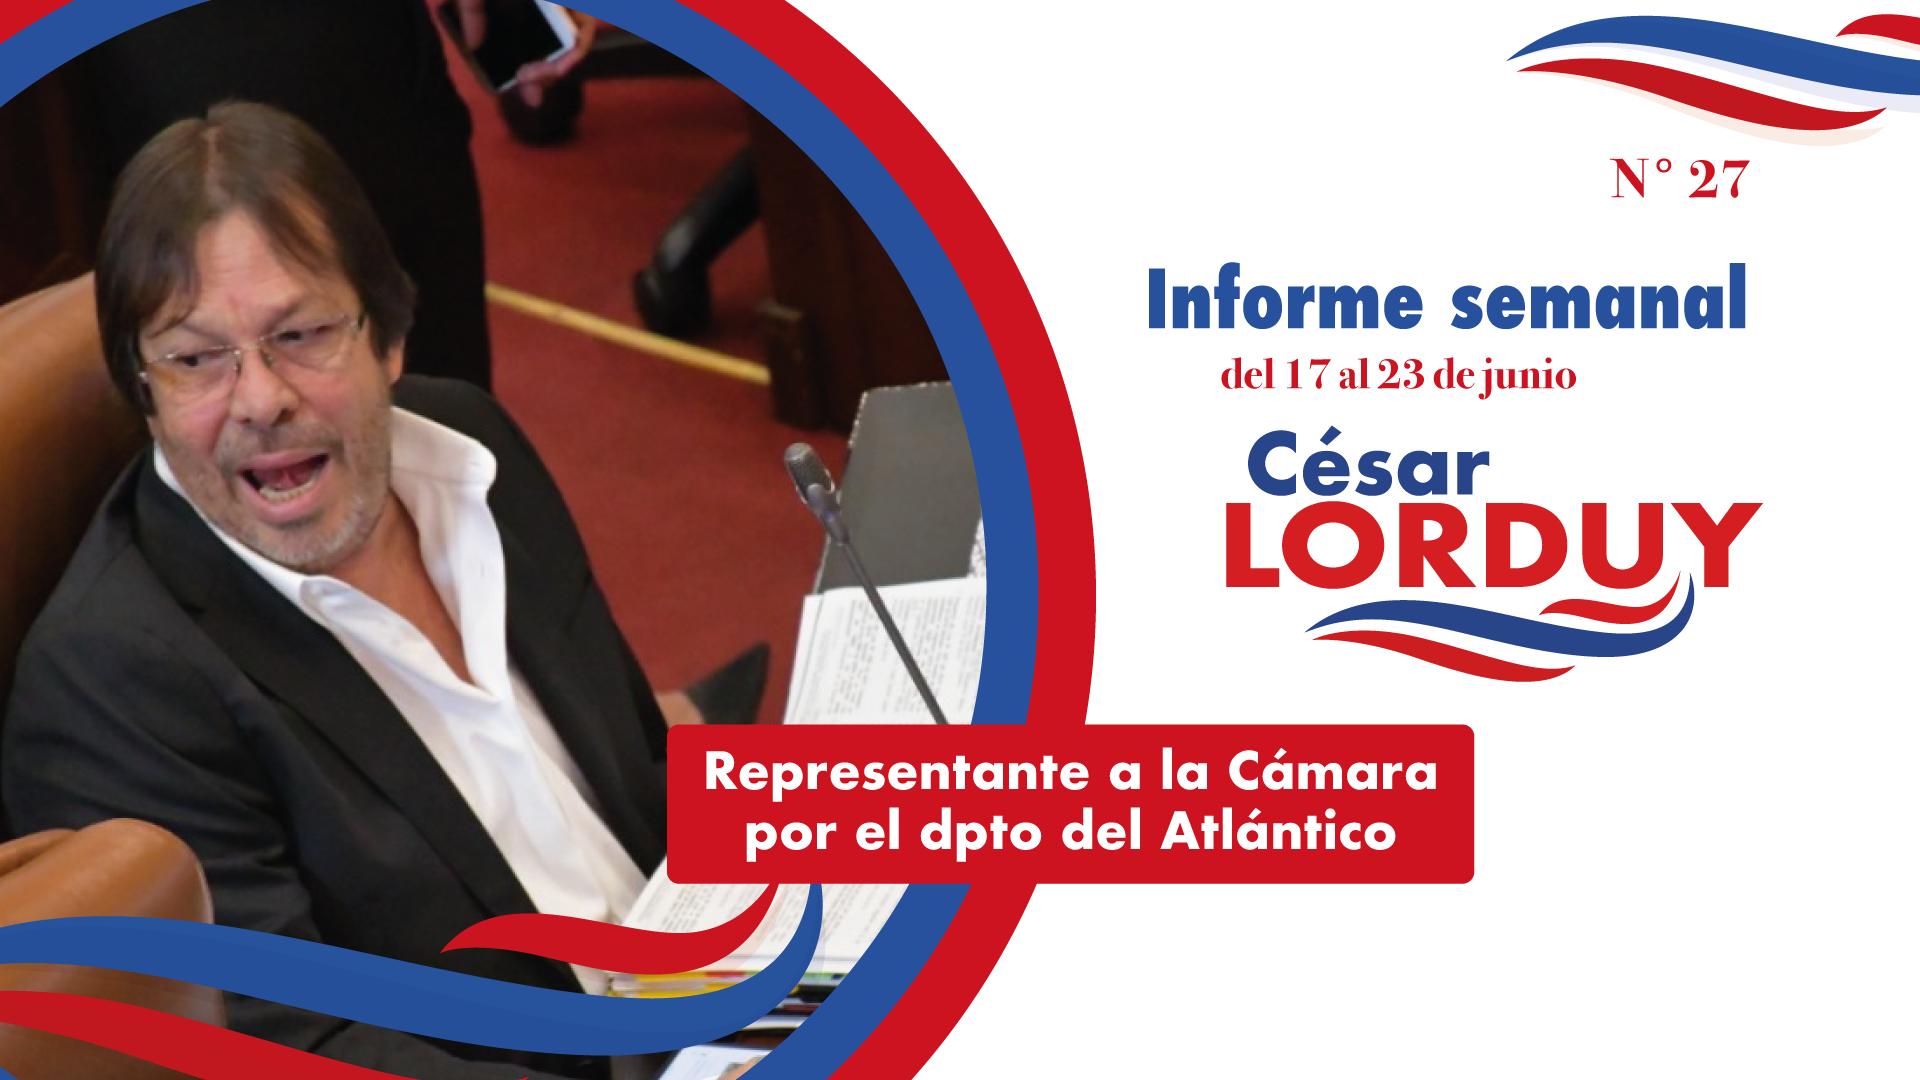 Informe semanal Nº 27 del Representante a la Cámara por el departamento del Atlántico, Cesar Lorduy 1